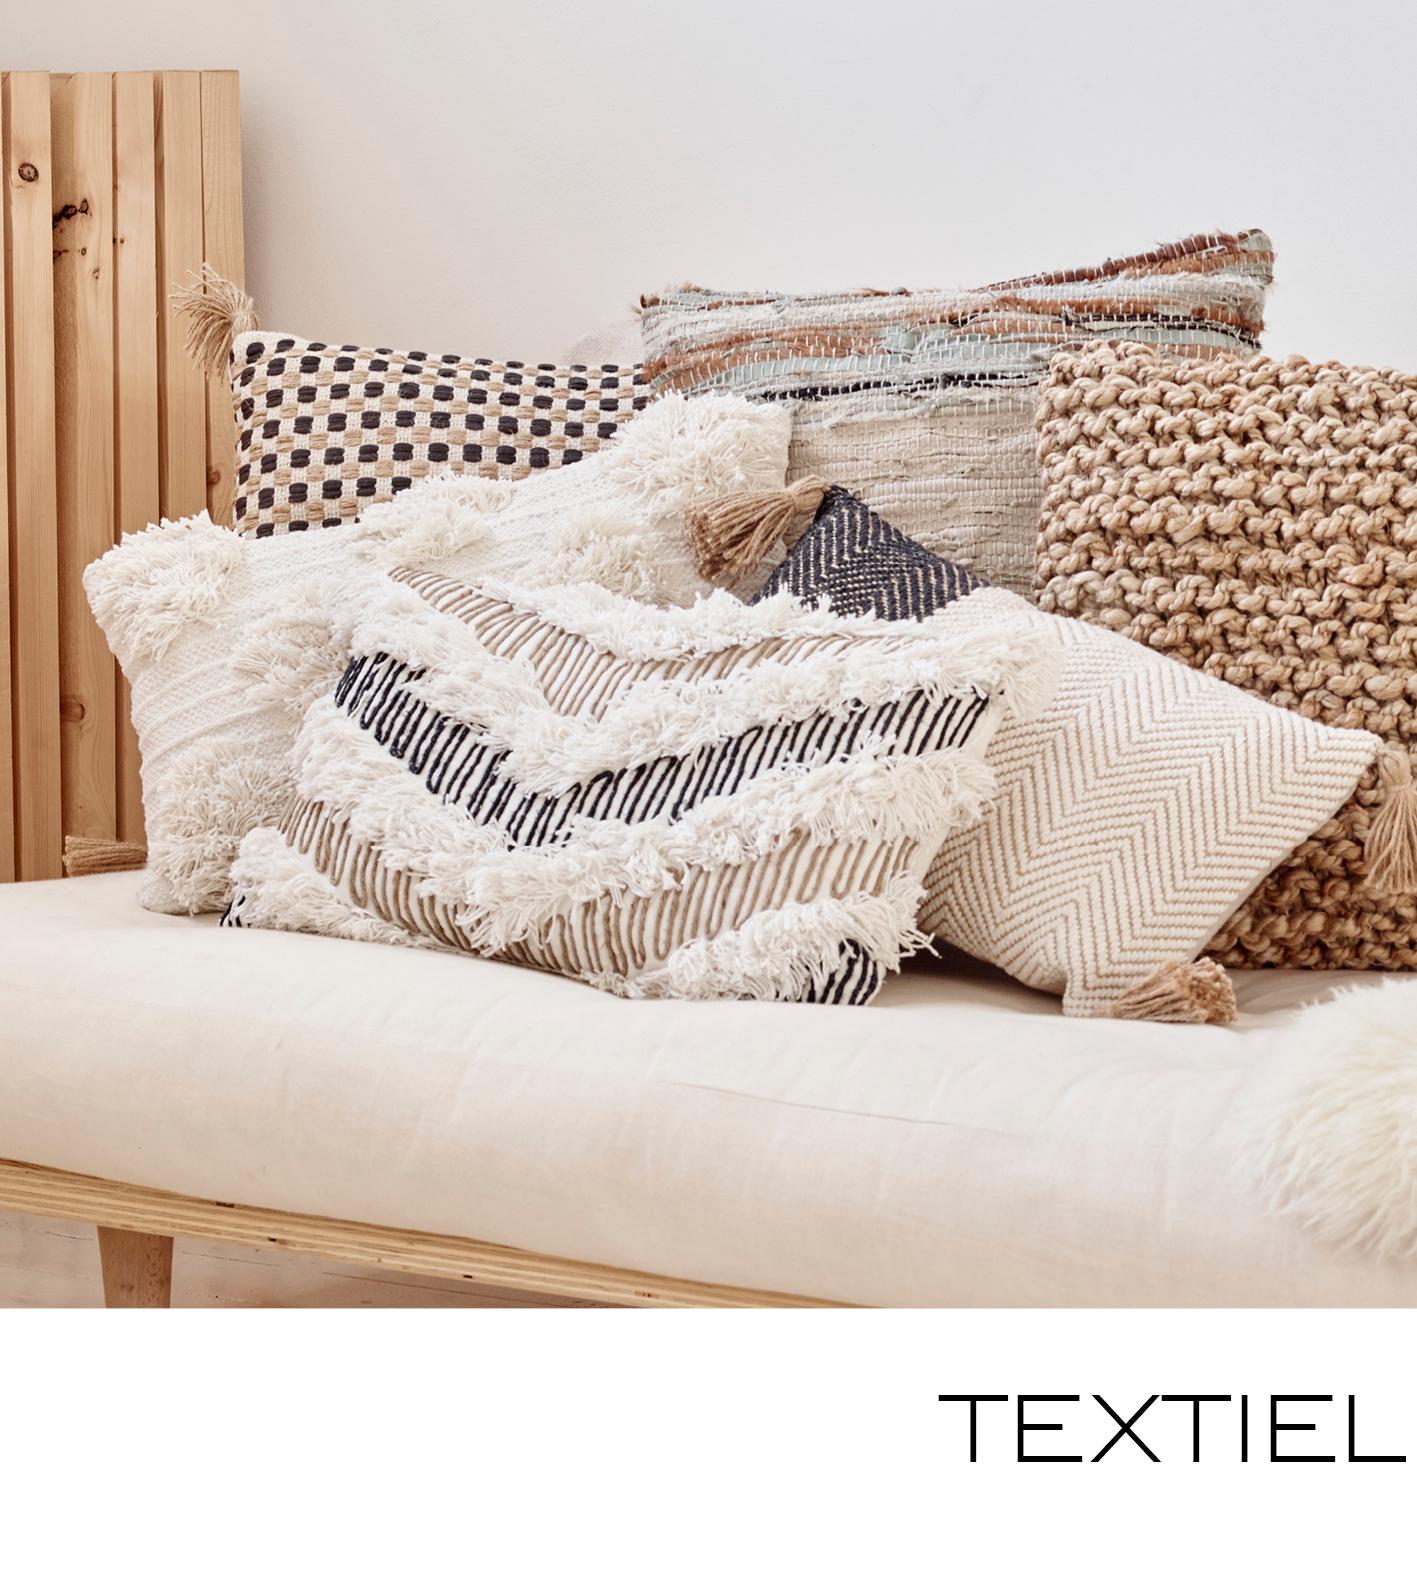 textiel, kussens, plaids